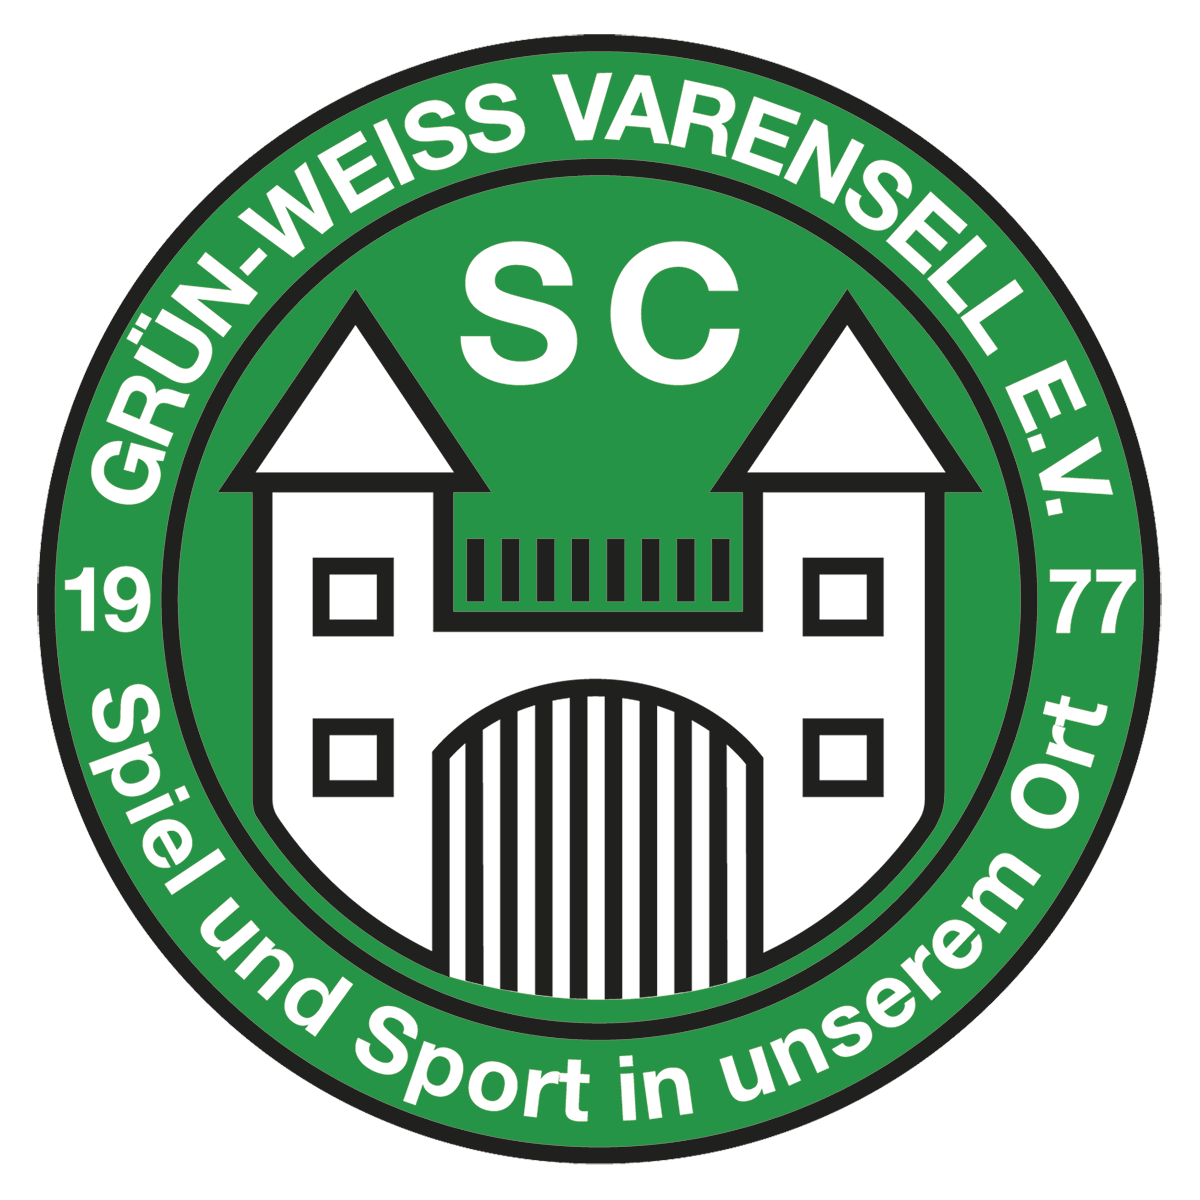 Sportclub Grün-Weiss Varensell 1977 e.V.